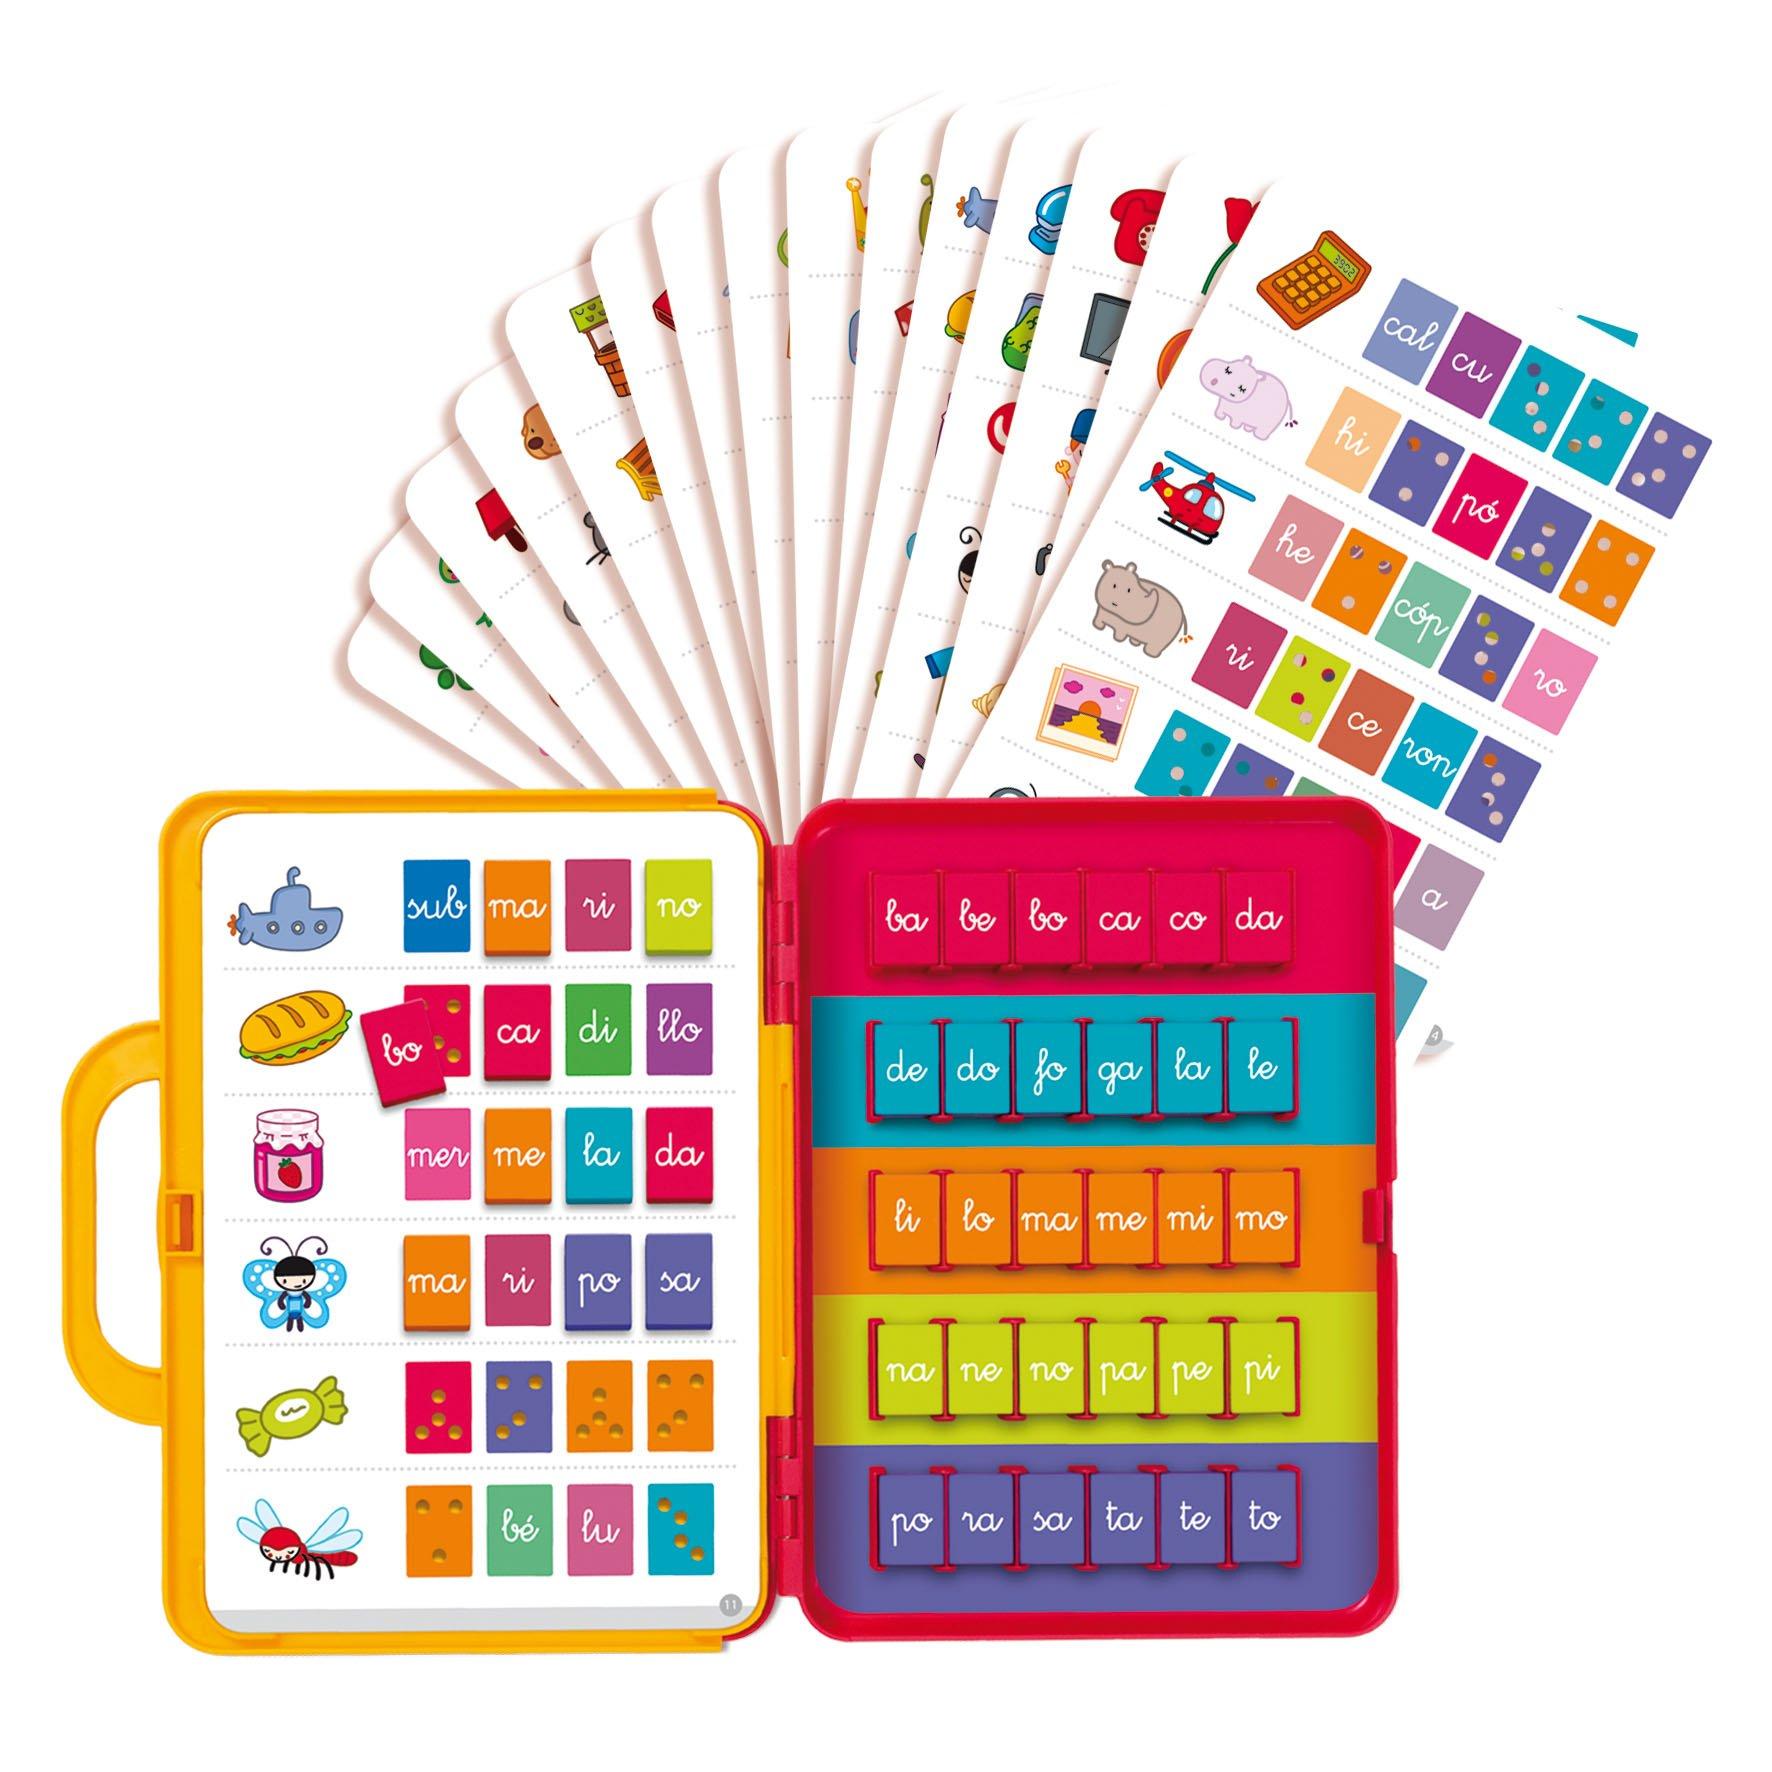 Diset 63747 - Yo Aprendo Las Sílabas product image